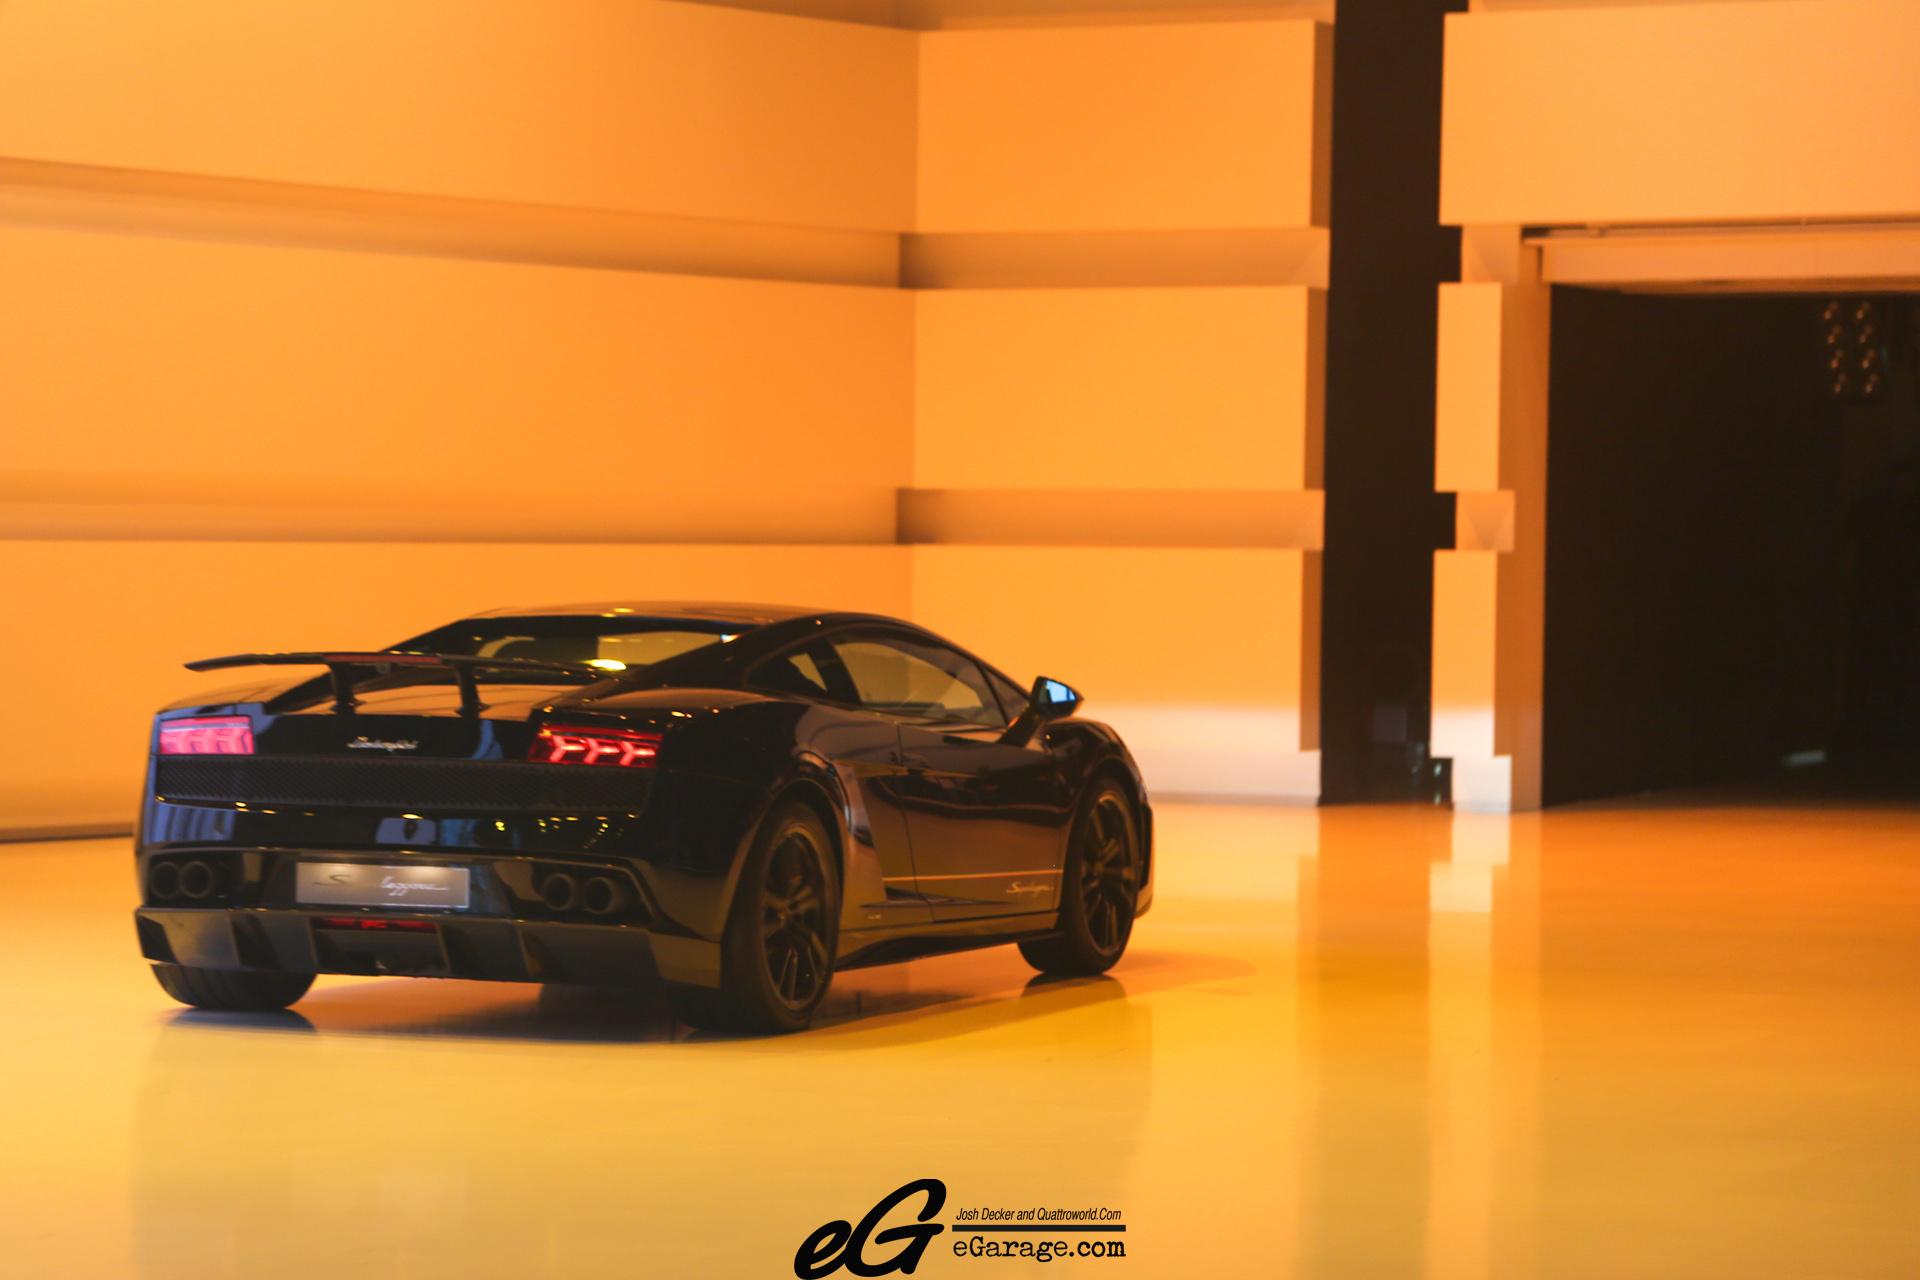 8030382520 5b03d84d3e o 2012 Paris Motor Show